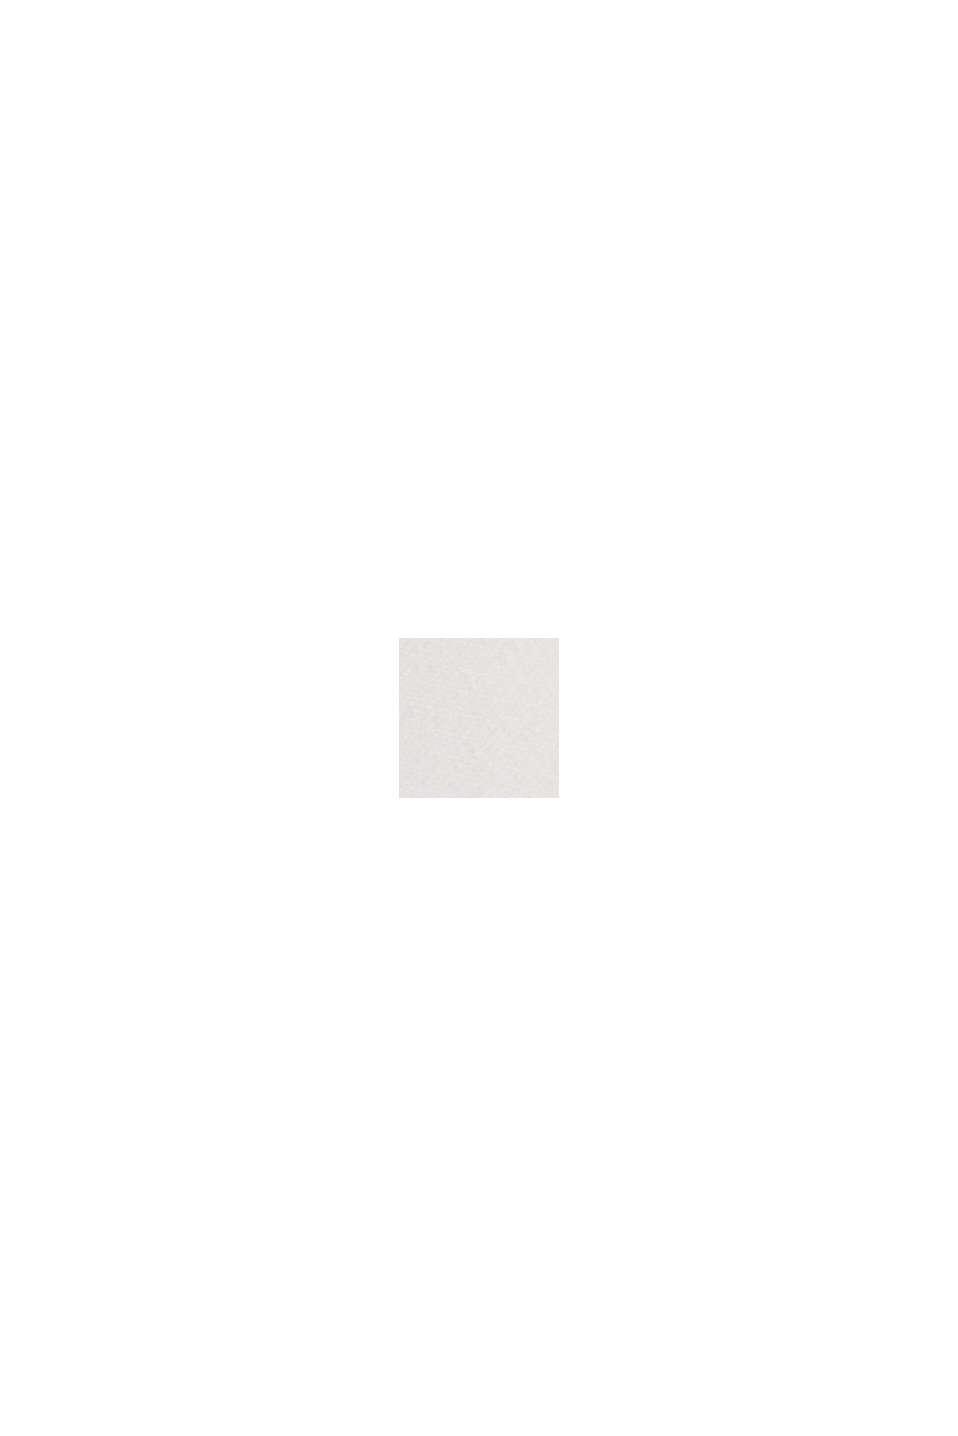 Bluse mit breiten Manschetten, LENZING™ ECOVERO™, OFF WHITE, swatch